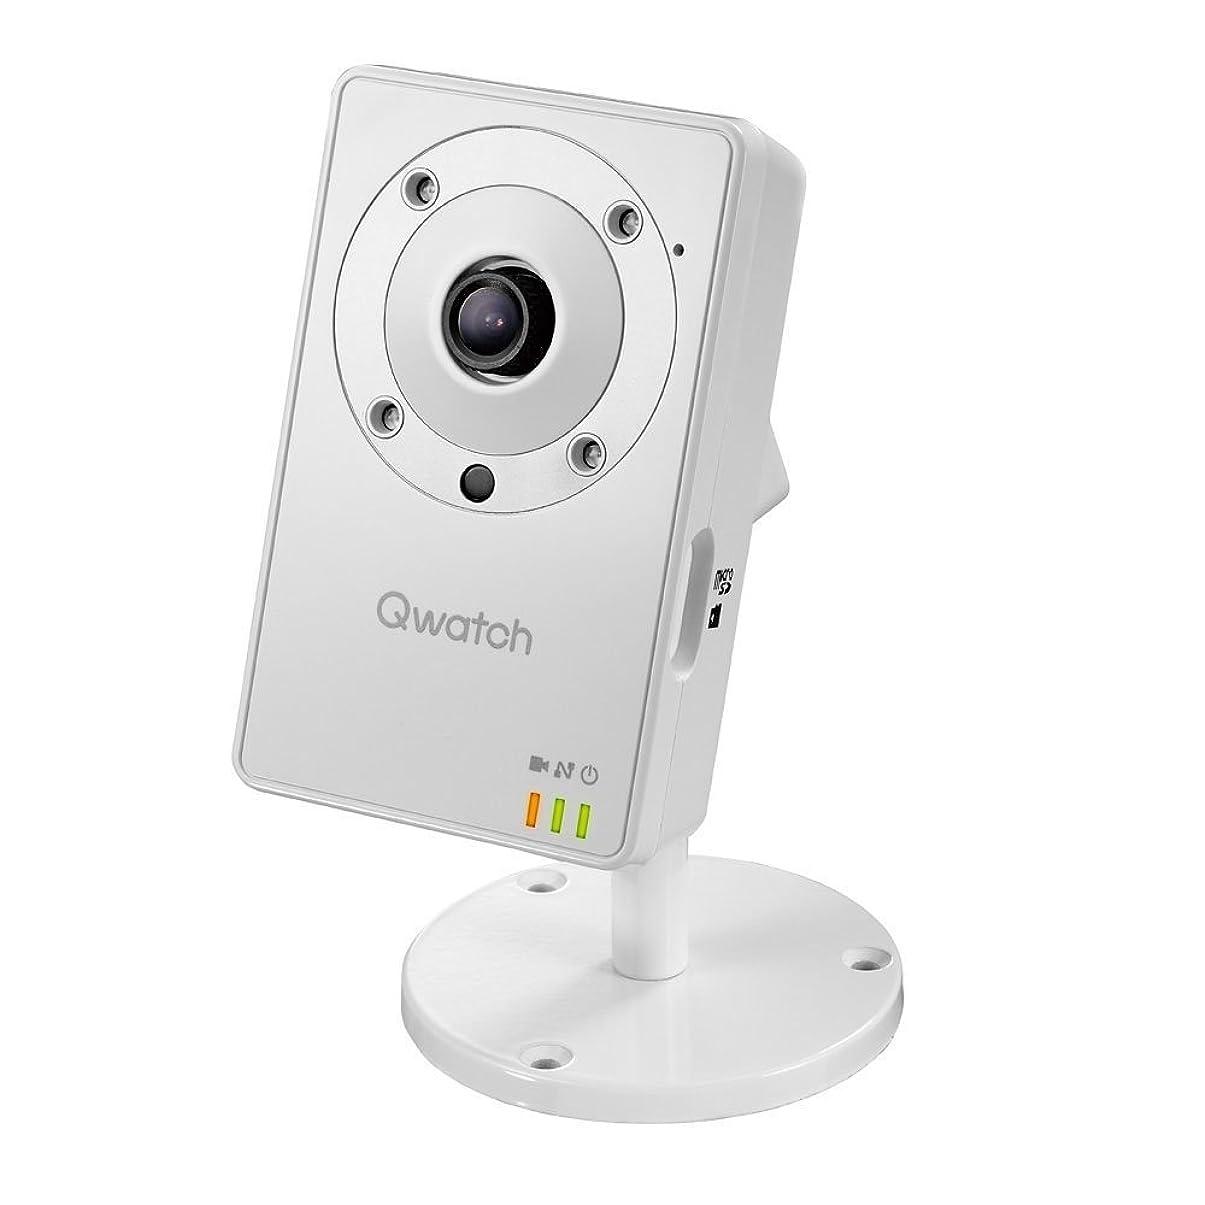 災害定説アラーム【Works with Alexa】 【エントリーモデル】Arlo ネットワークカメラ ワイヤレス 見守り 簡単設置 Arlo スターターキット カメラ2台セット VMS3230-100JPS